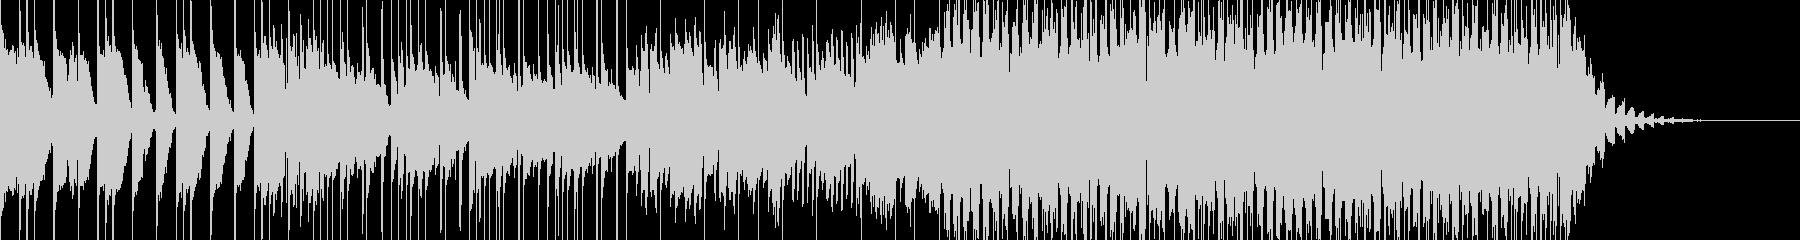 キャッチーなトロピカルポップハウスの未再生の波形